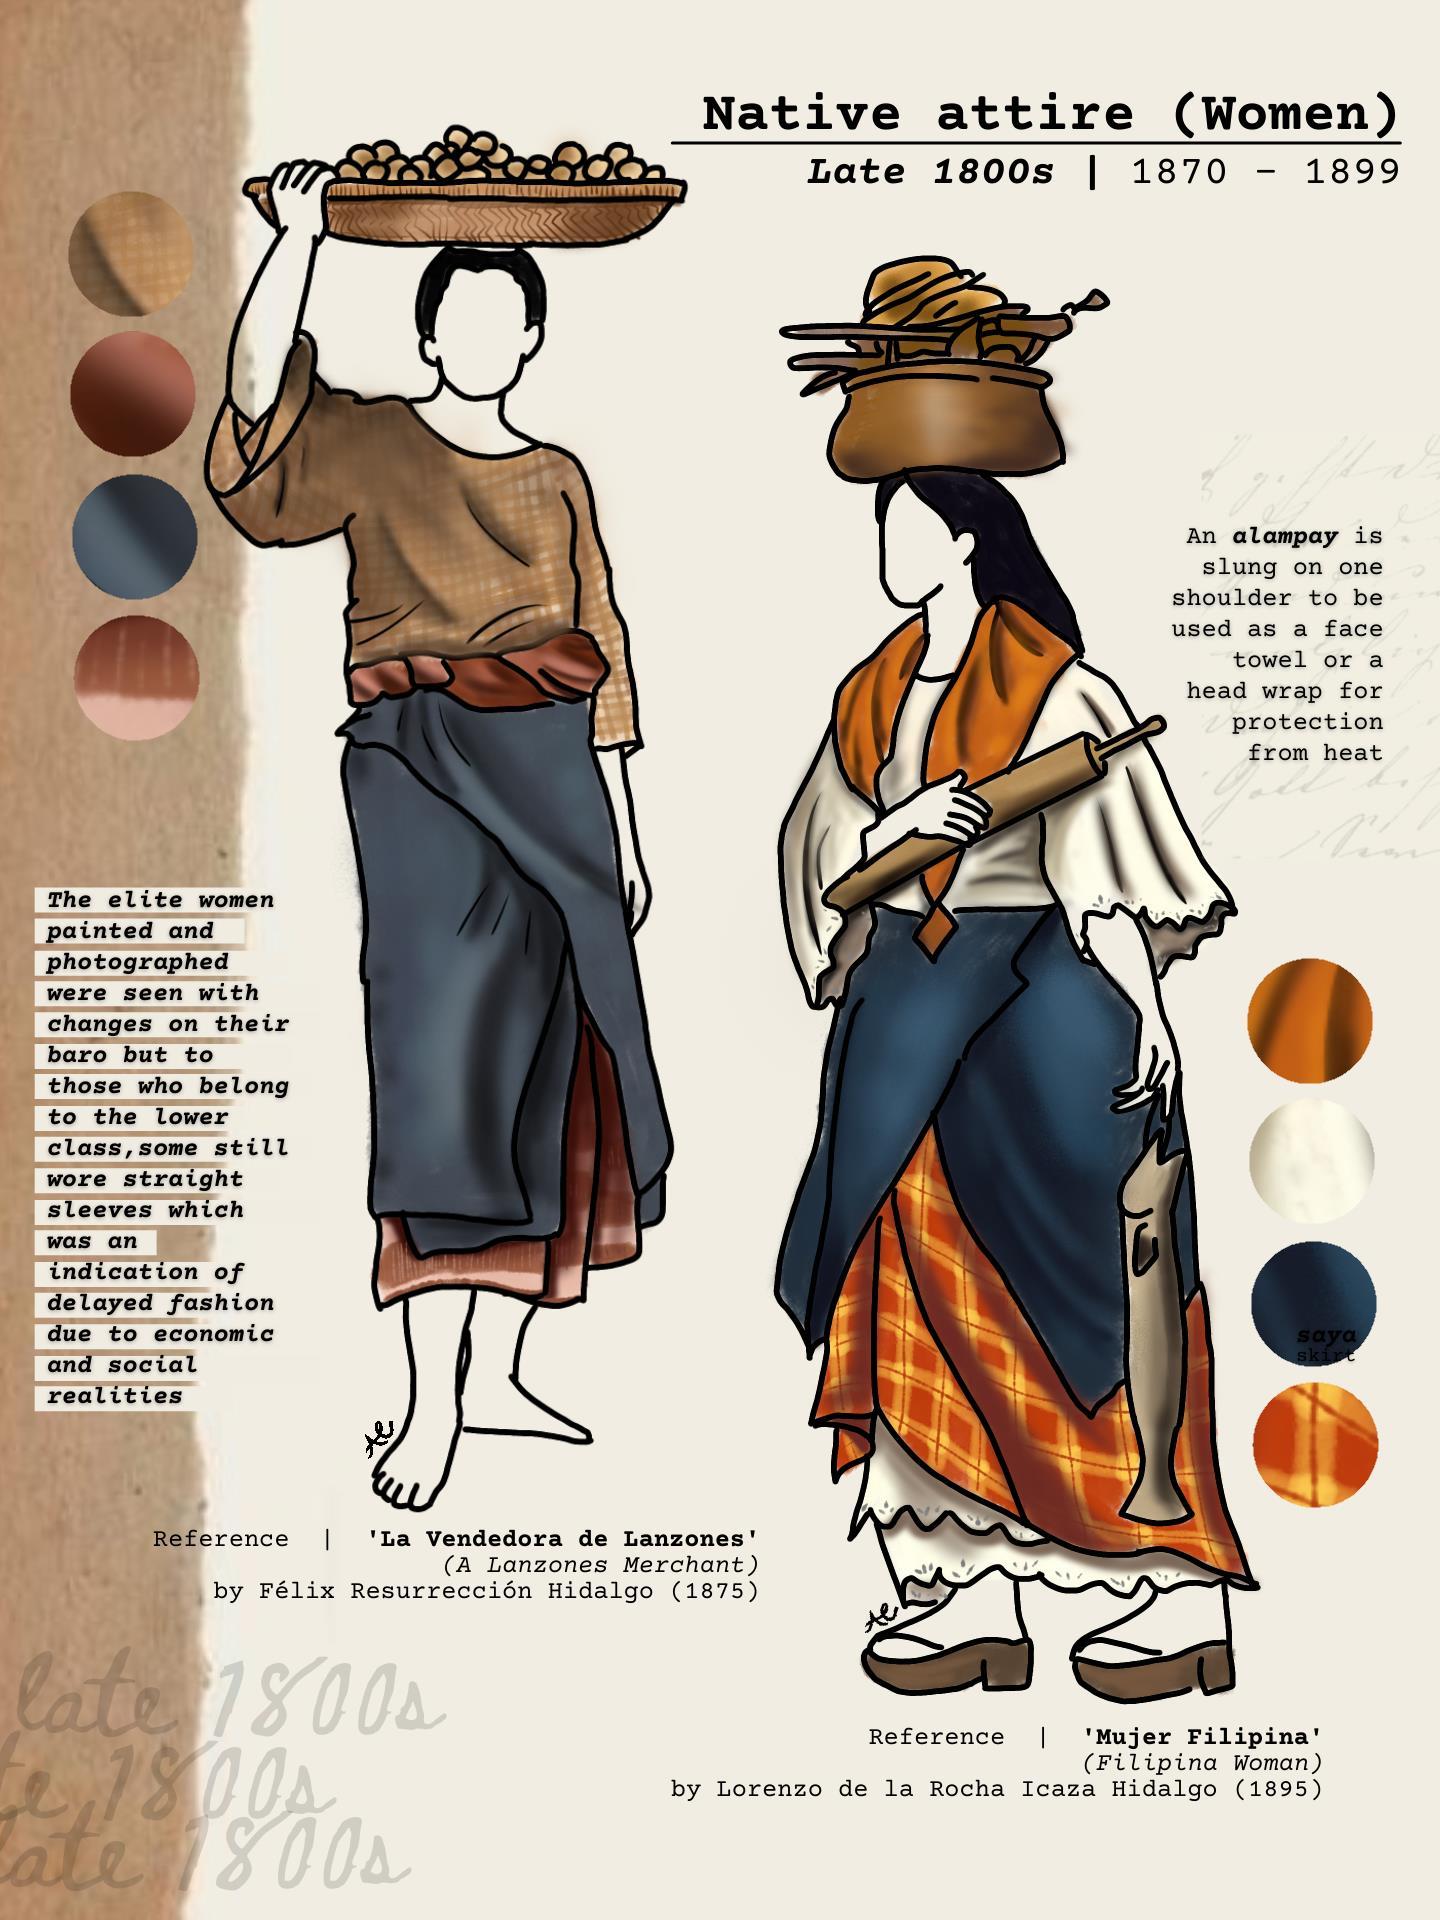 Native Attire for Women, late 1800s